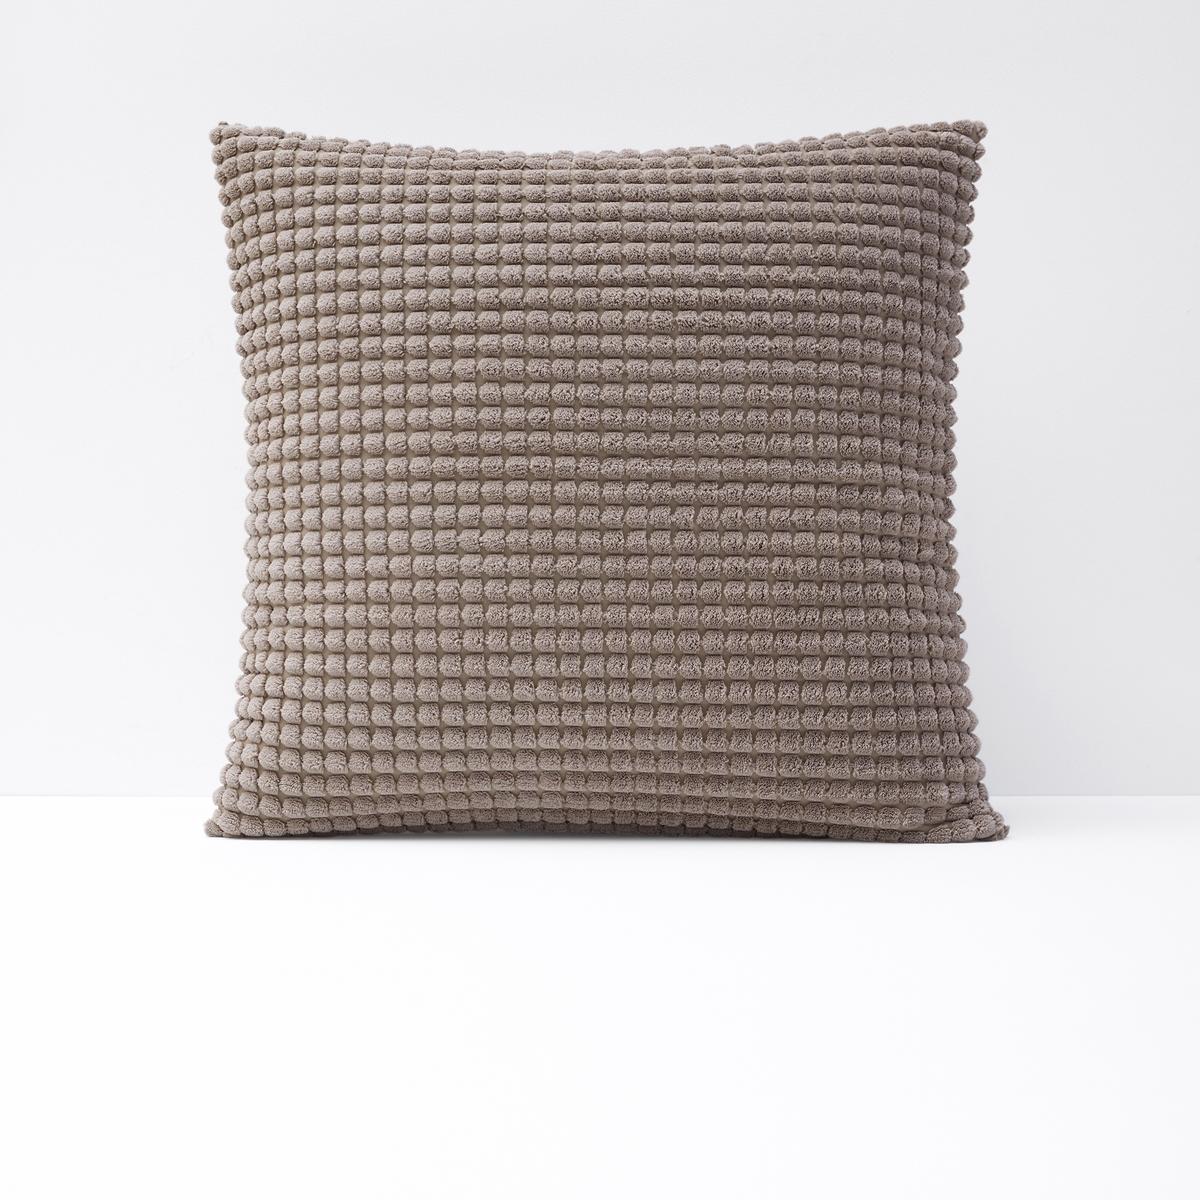 Чехол La Redoute Для подушки с рельефным узором FLUFFY 65 x 65 см бежевый чехол la redoute для подушки или наволочка однотонного цвета с помпонами riad 65 x 65 см розовый